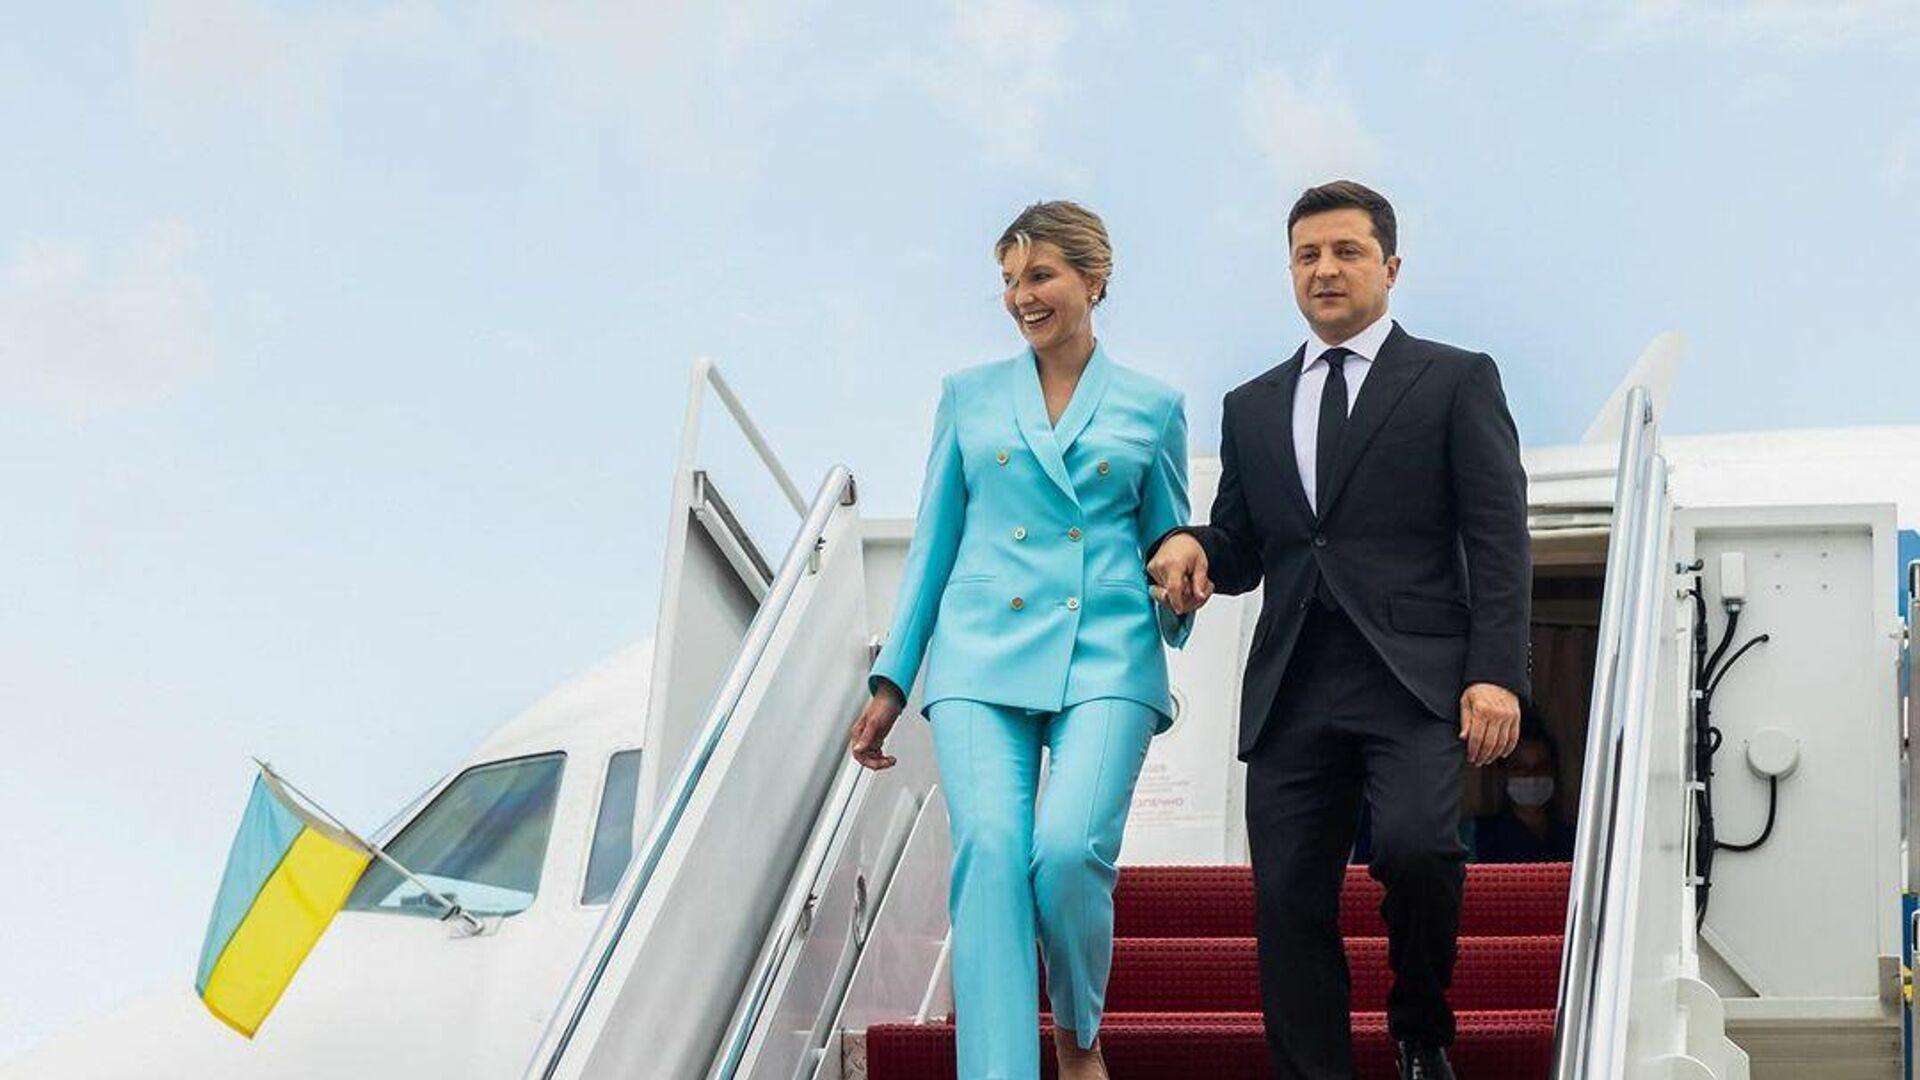 Президент Украины Владимир Зеленский с супругой Еленой в Вашингтоне - РИА Новости, 1920, 31.08.2021